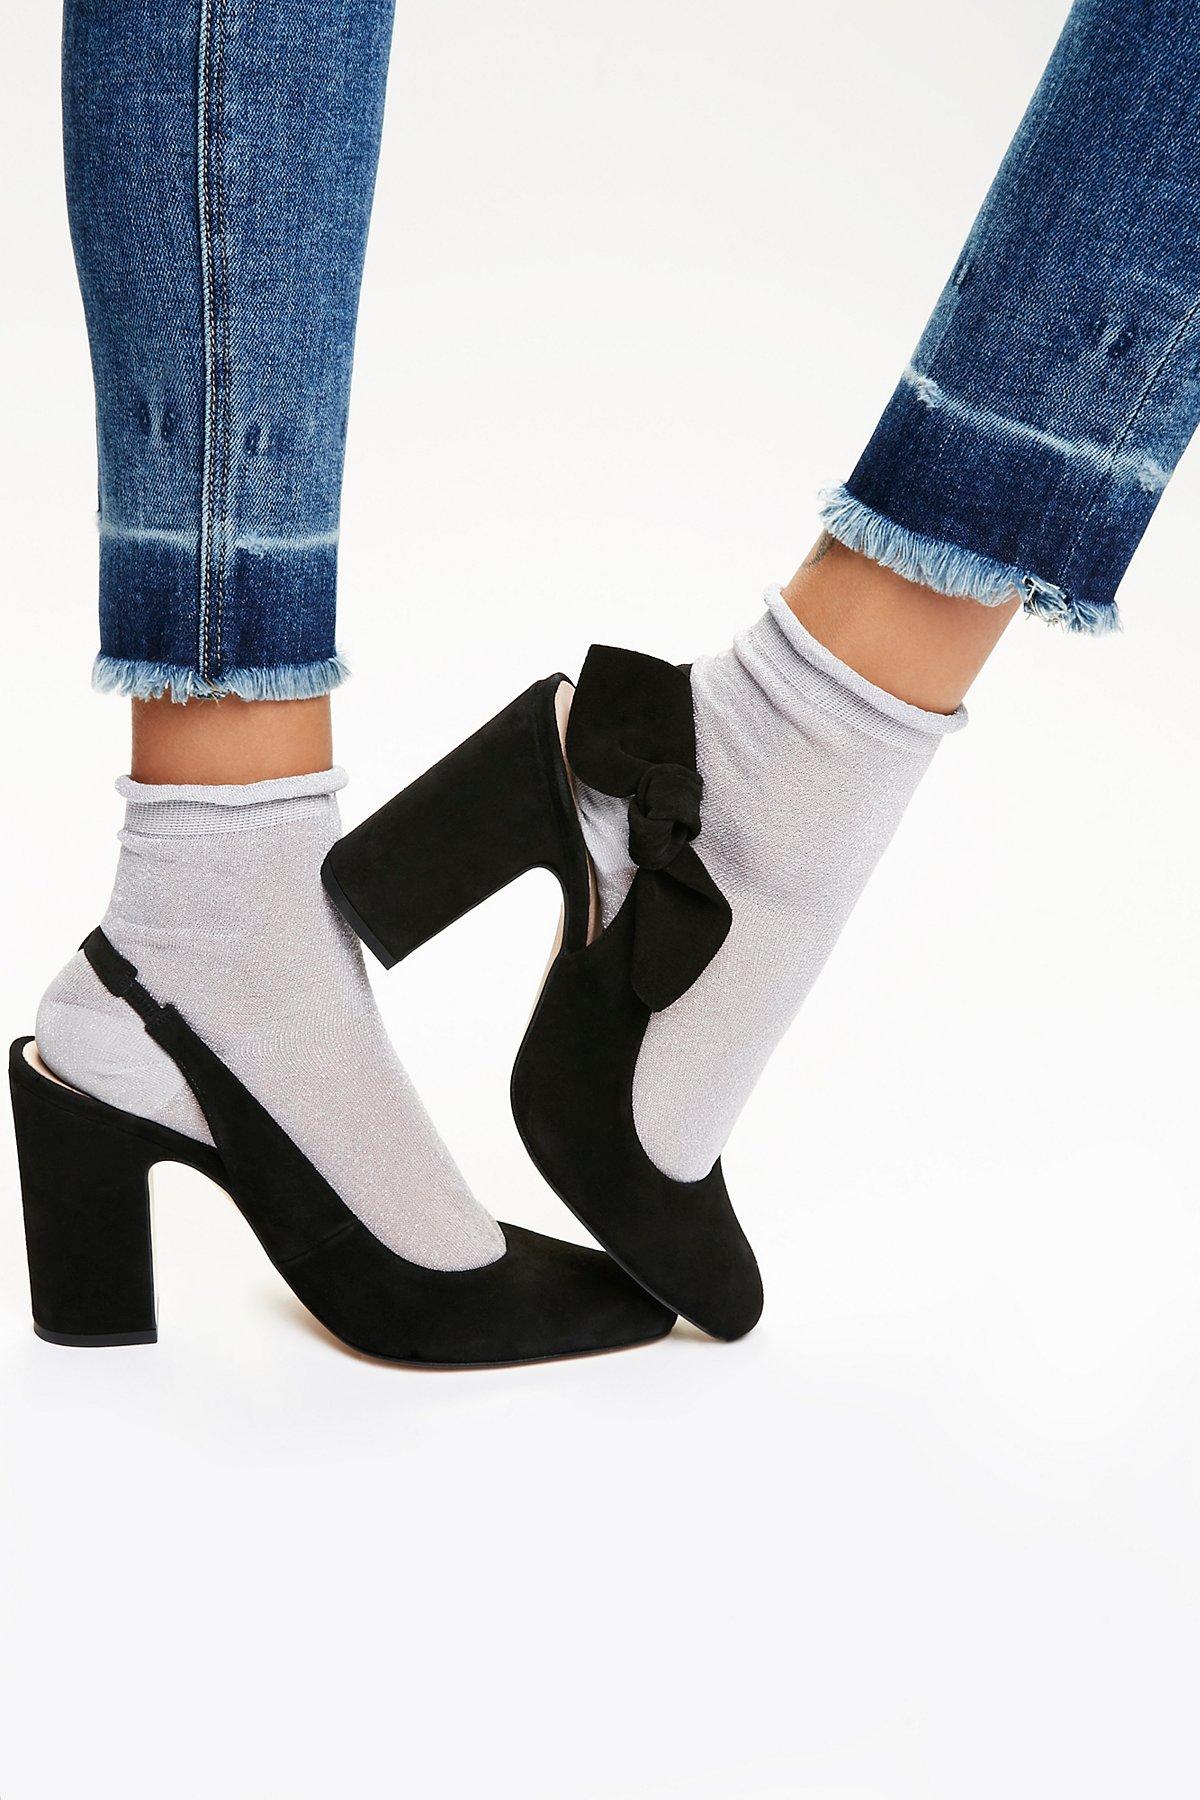 Dazzle Dazzle Heel